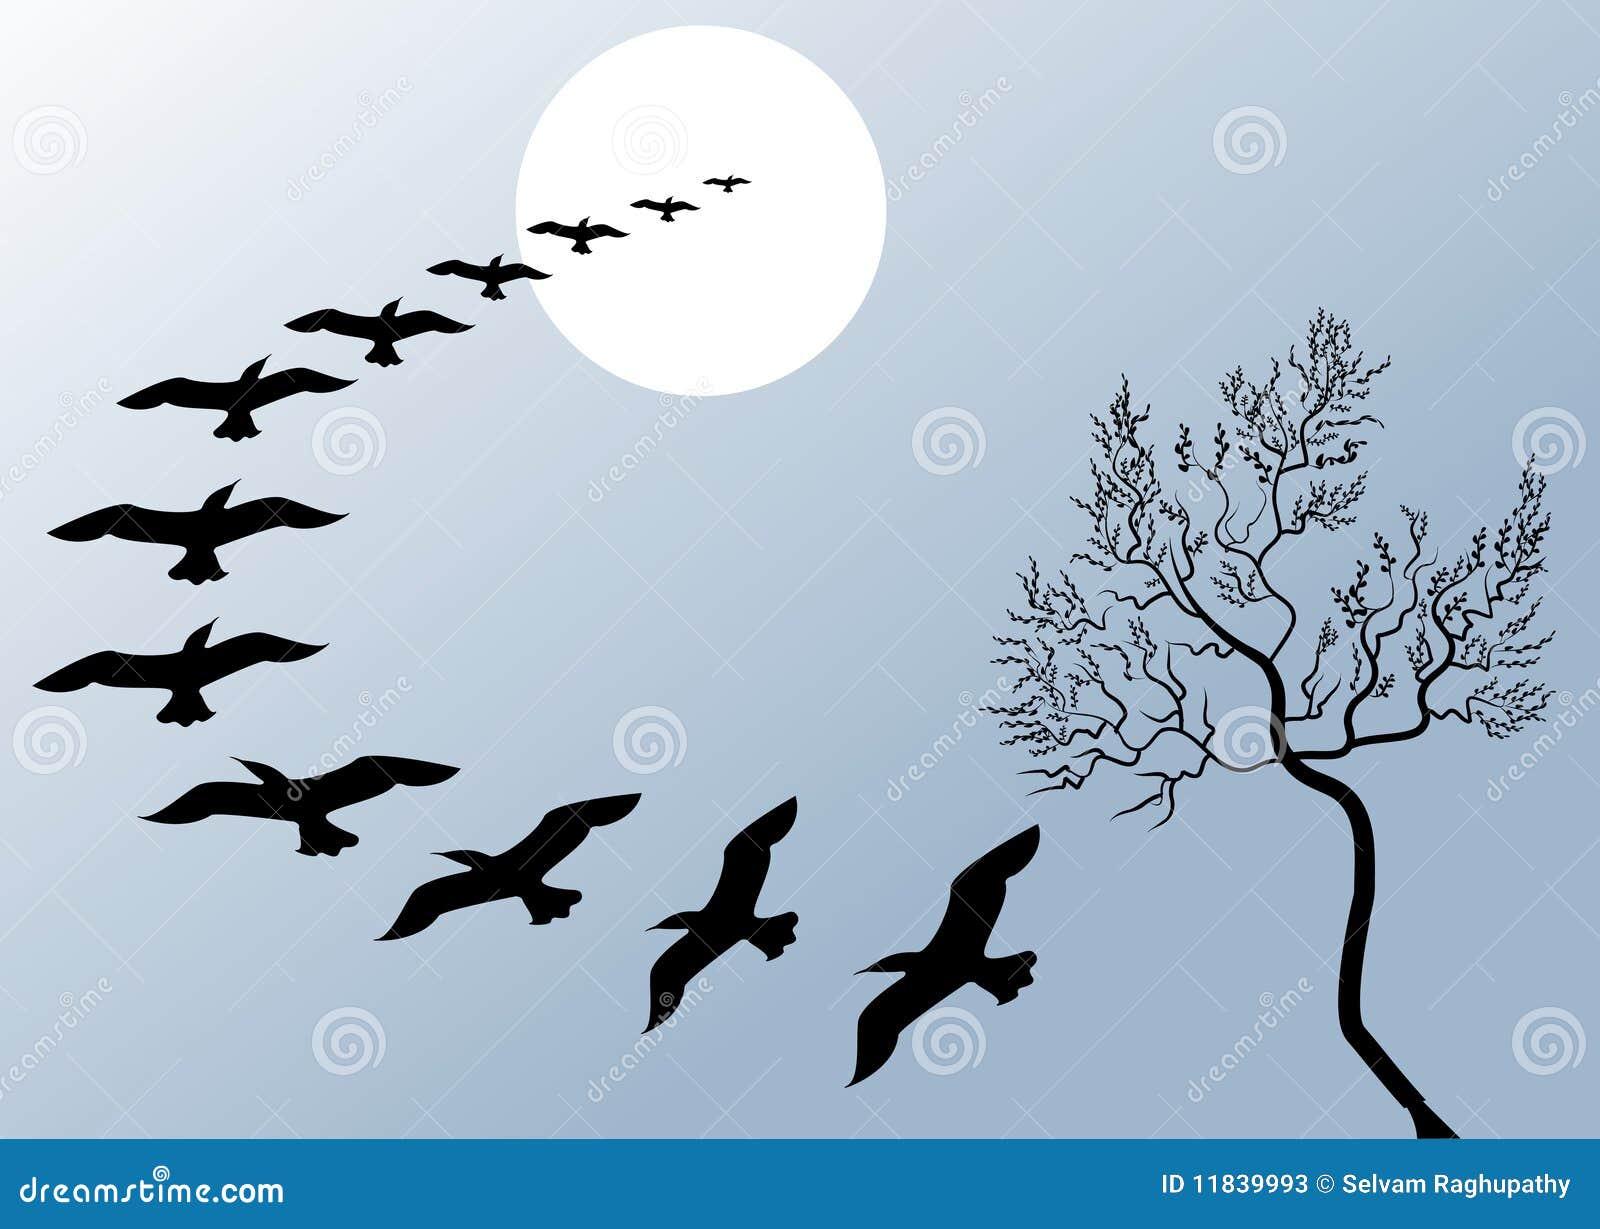 Mooie vliegende vogels